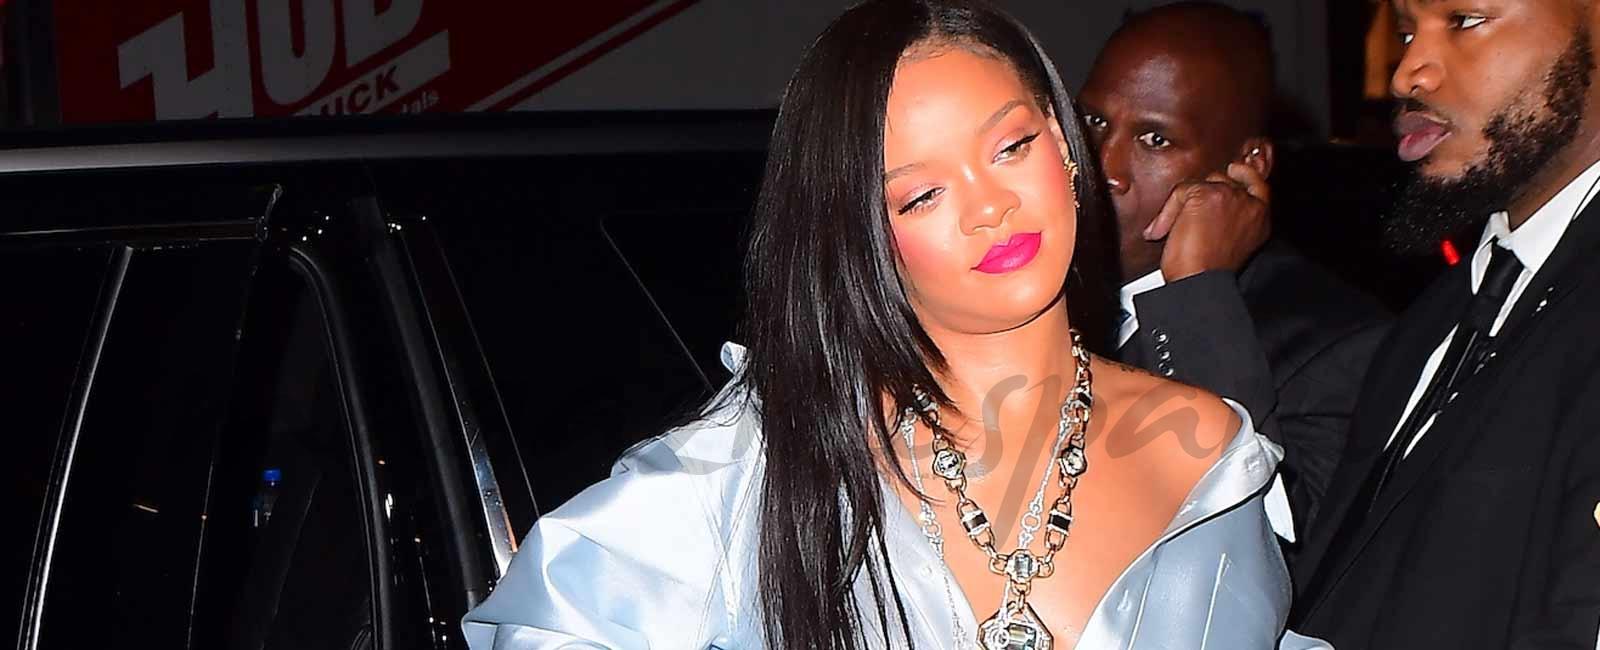 Rihanna rompe con su billonario novio saudí